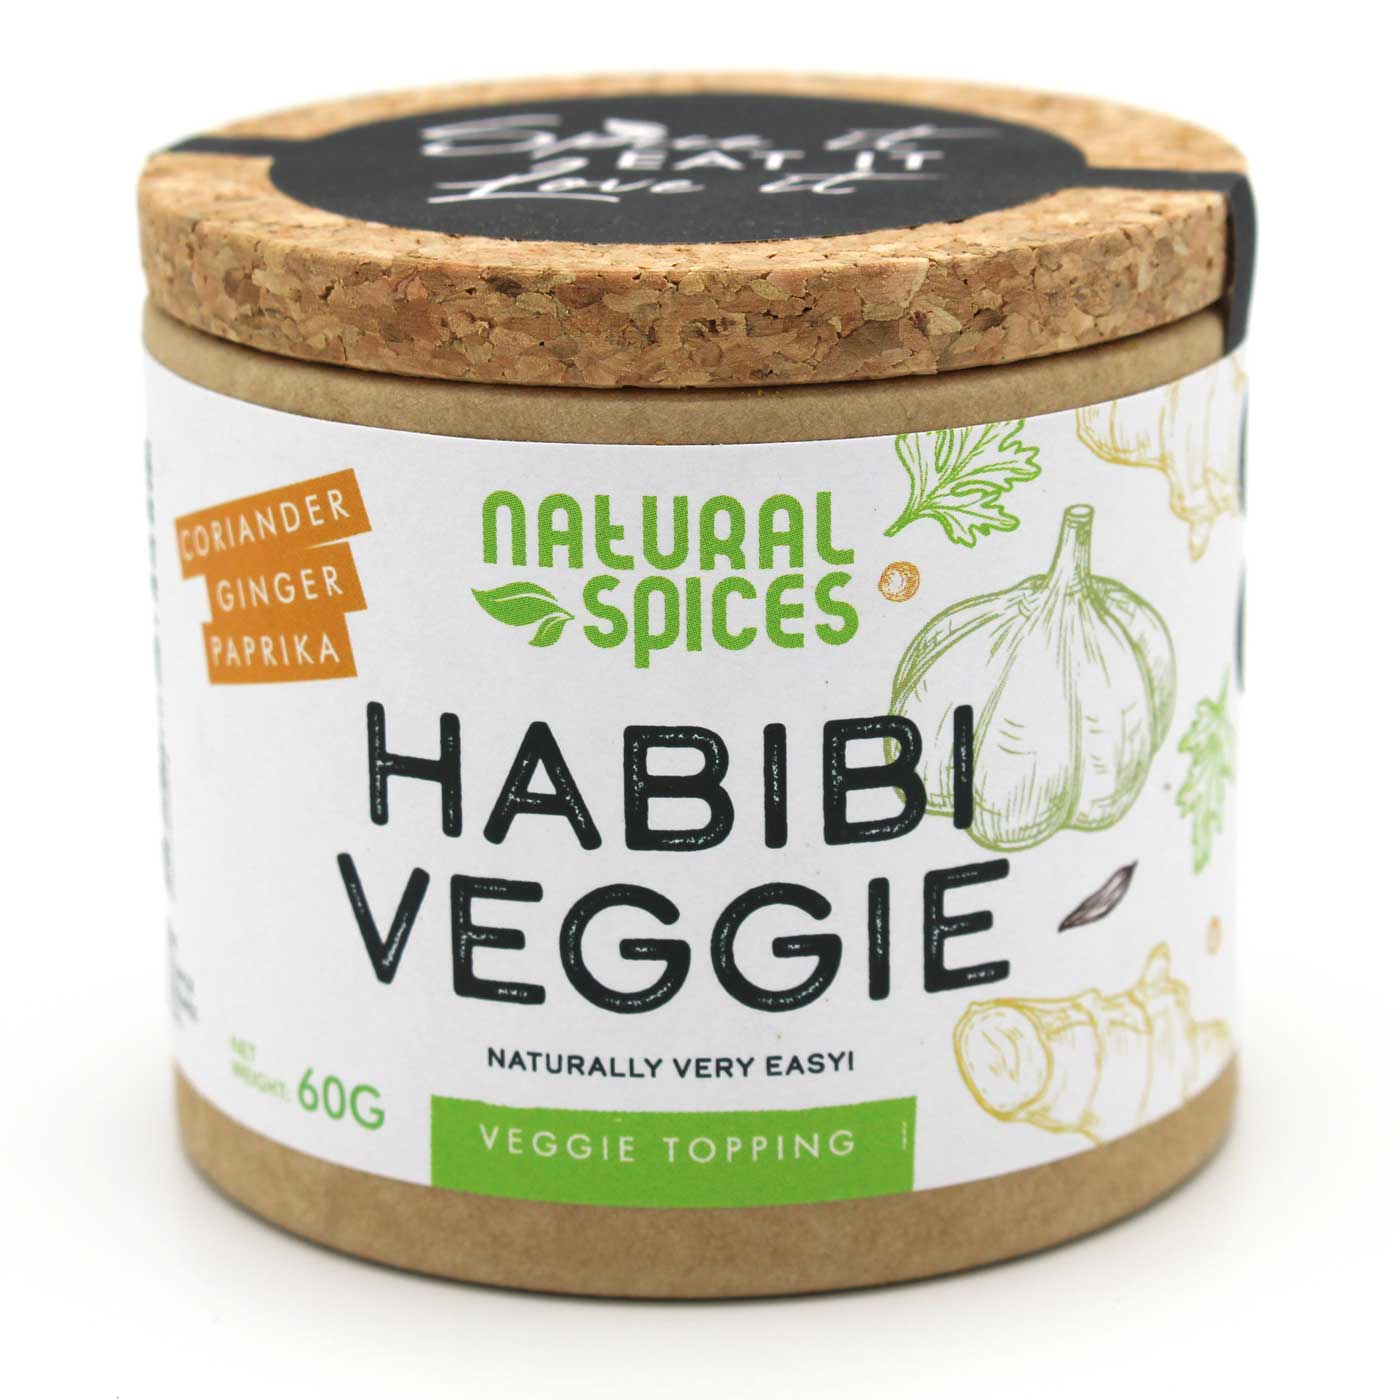 Habibi Veggie